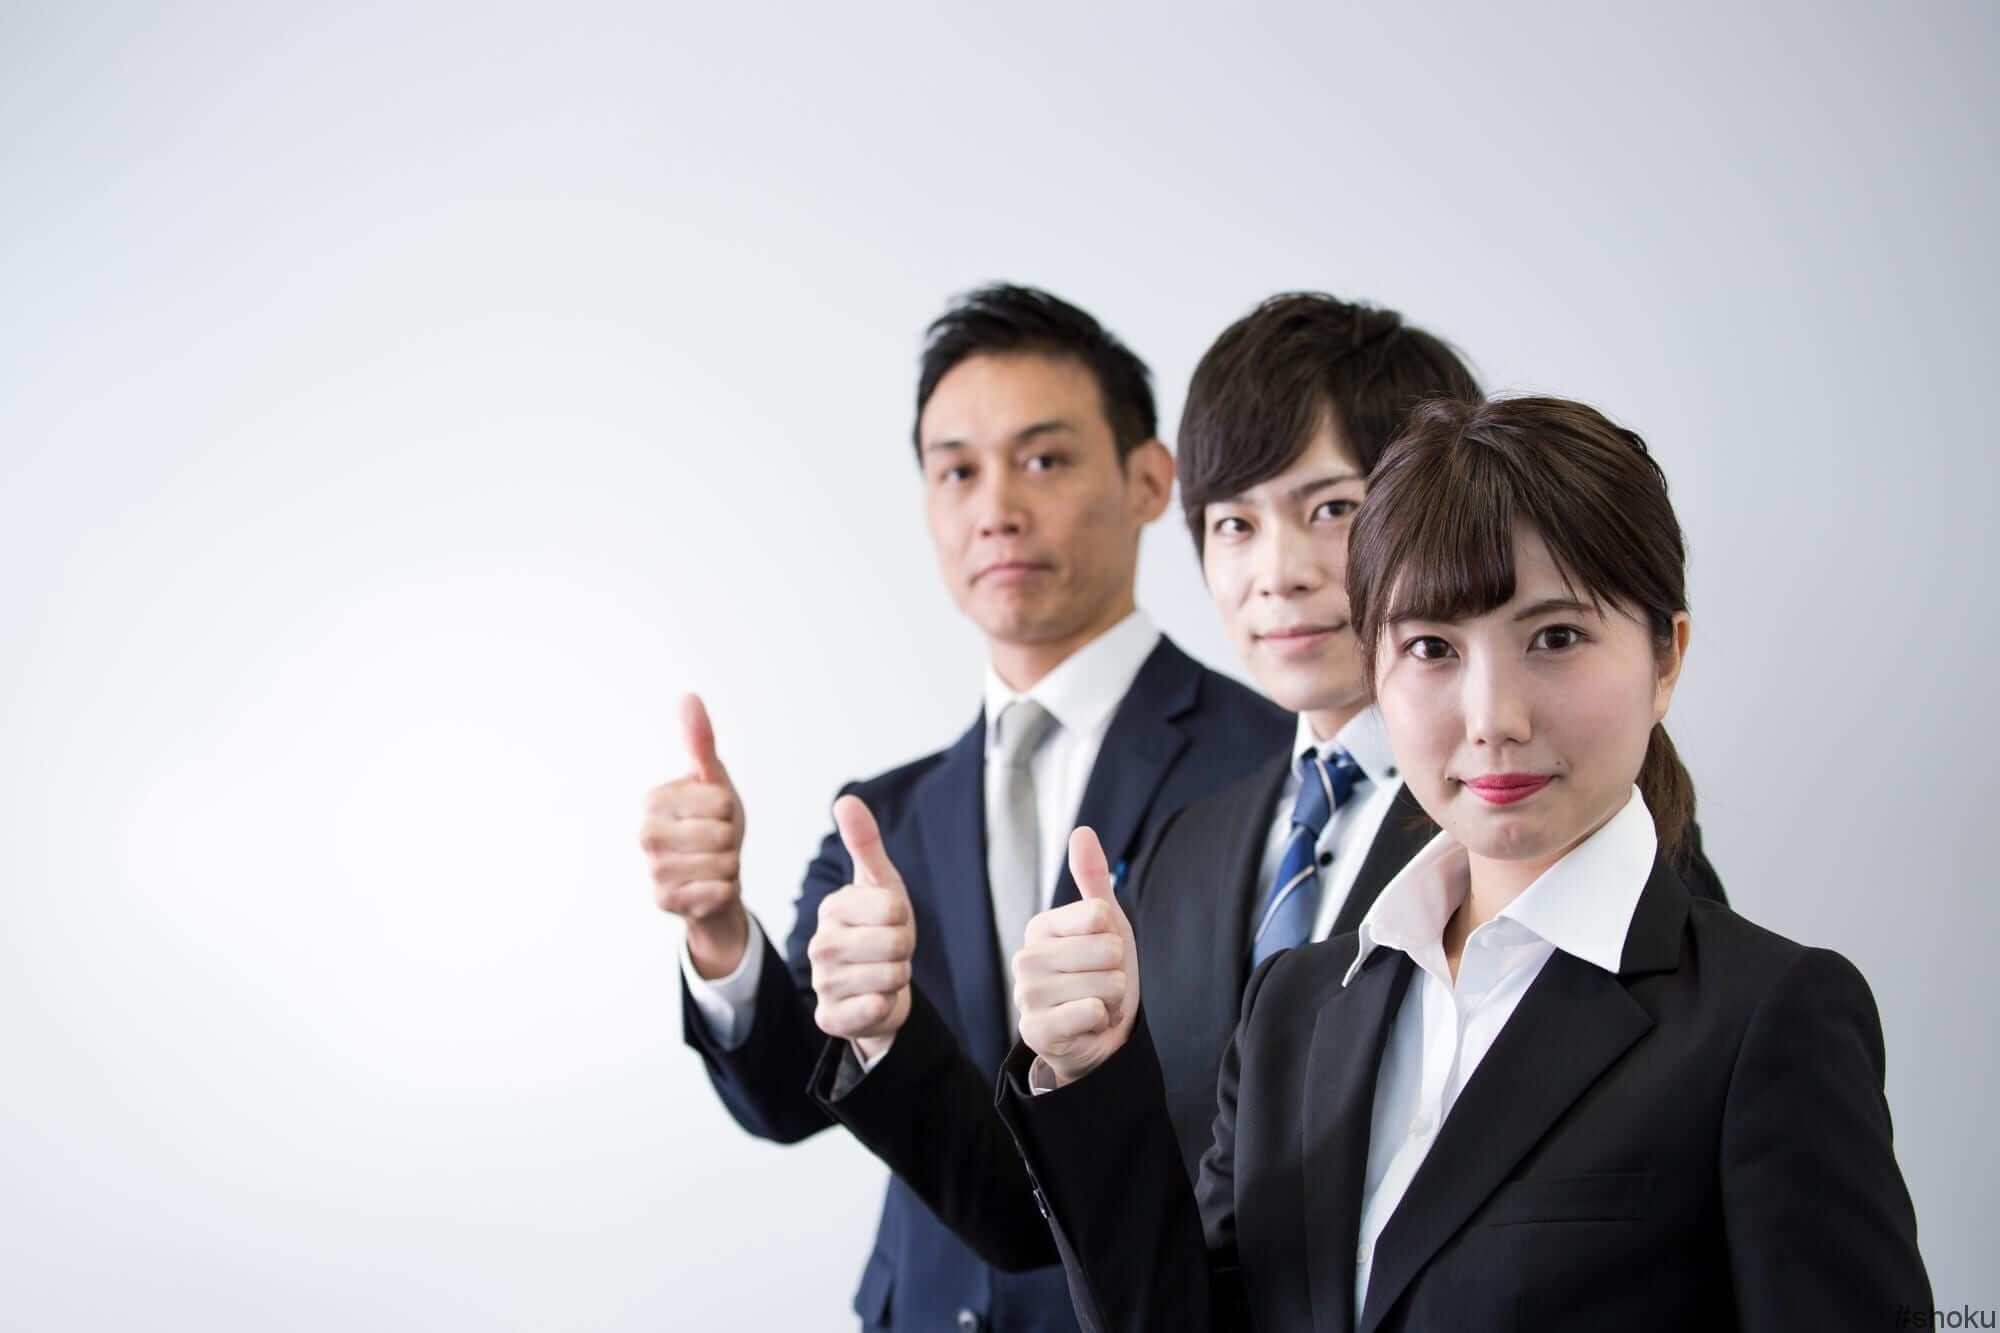 転職成功の秘訣